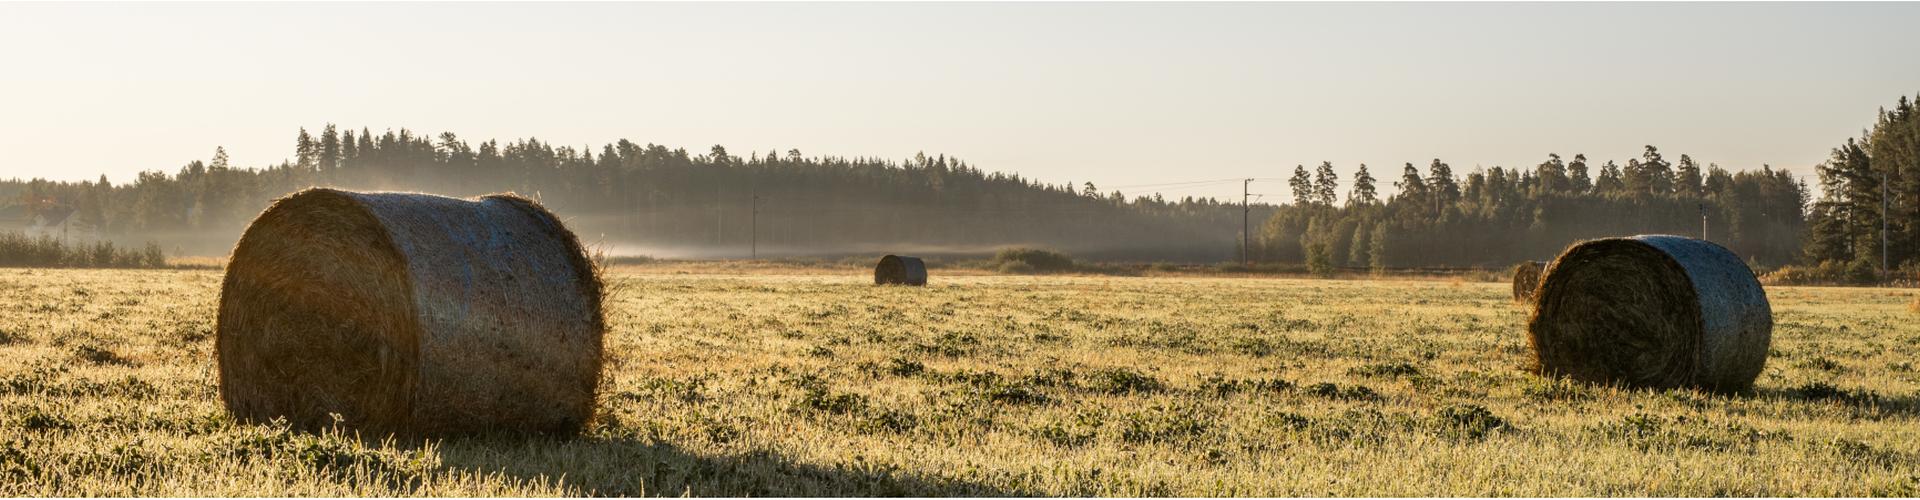 Pyöröpaaleja loimaalaisella pellolla